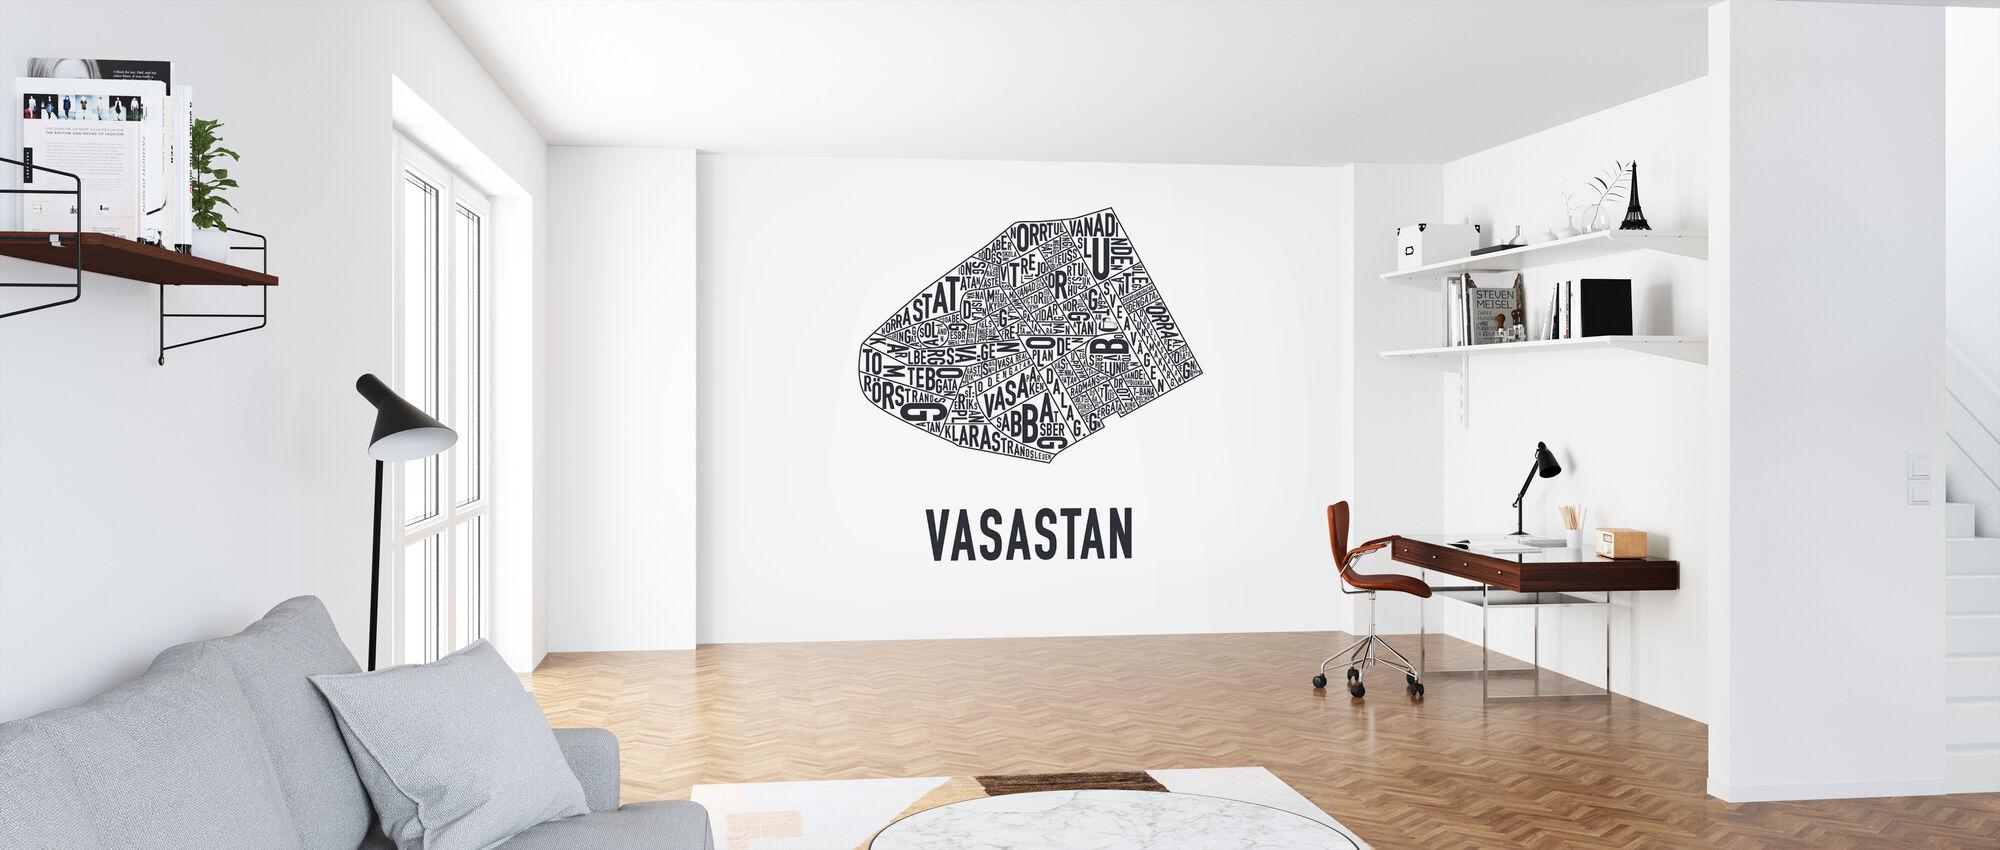 Vasastan - Tapetti - Toimisto